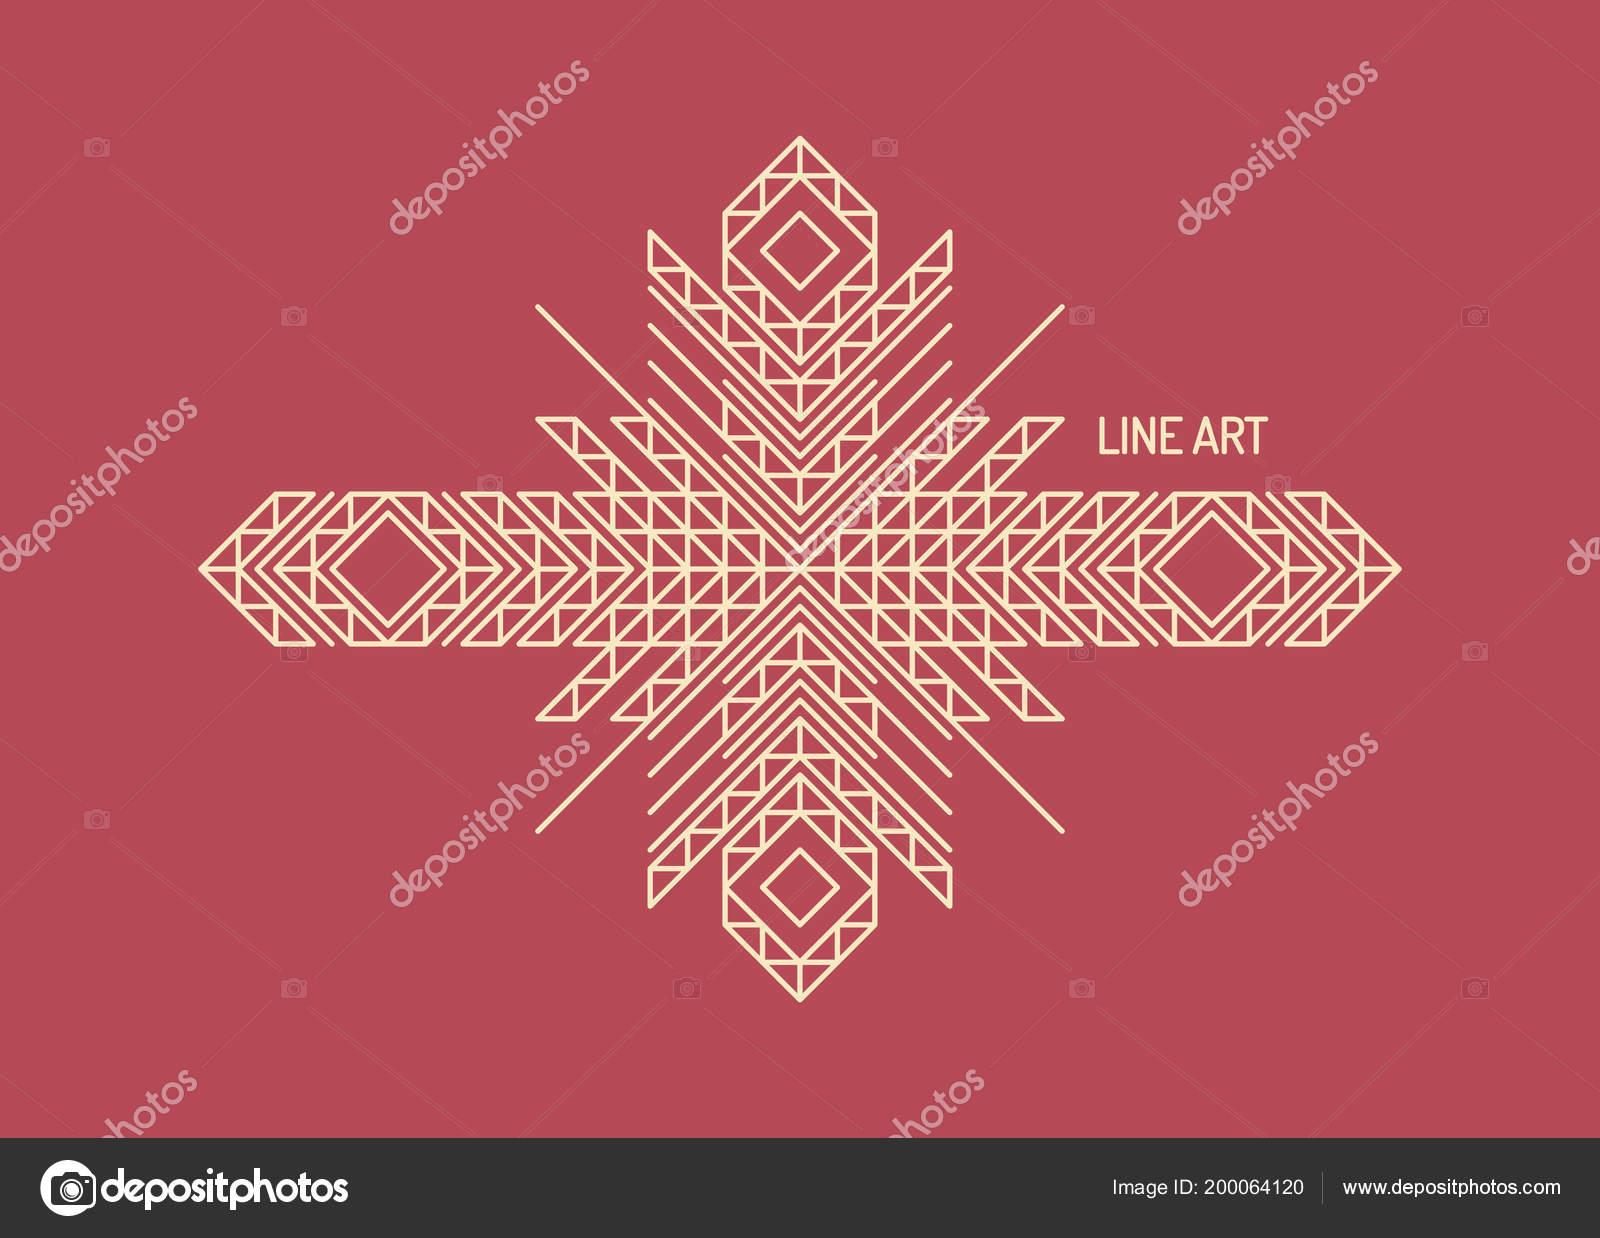 Line Art Design Invitation Poster Badge Monogram Elegant Luxury ...